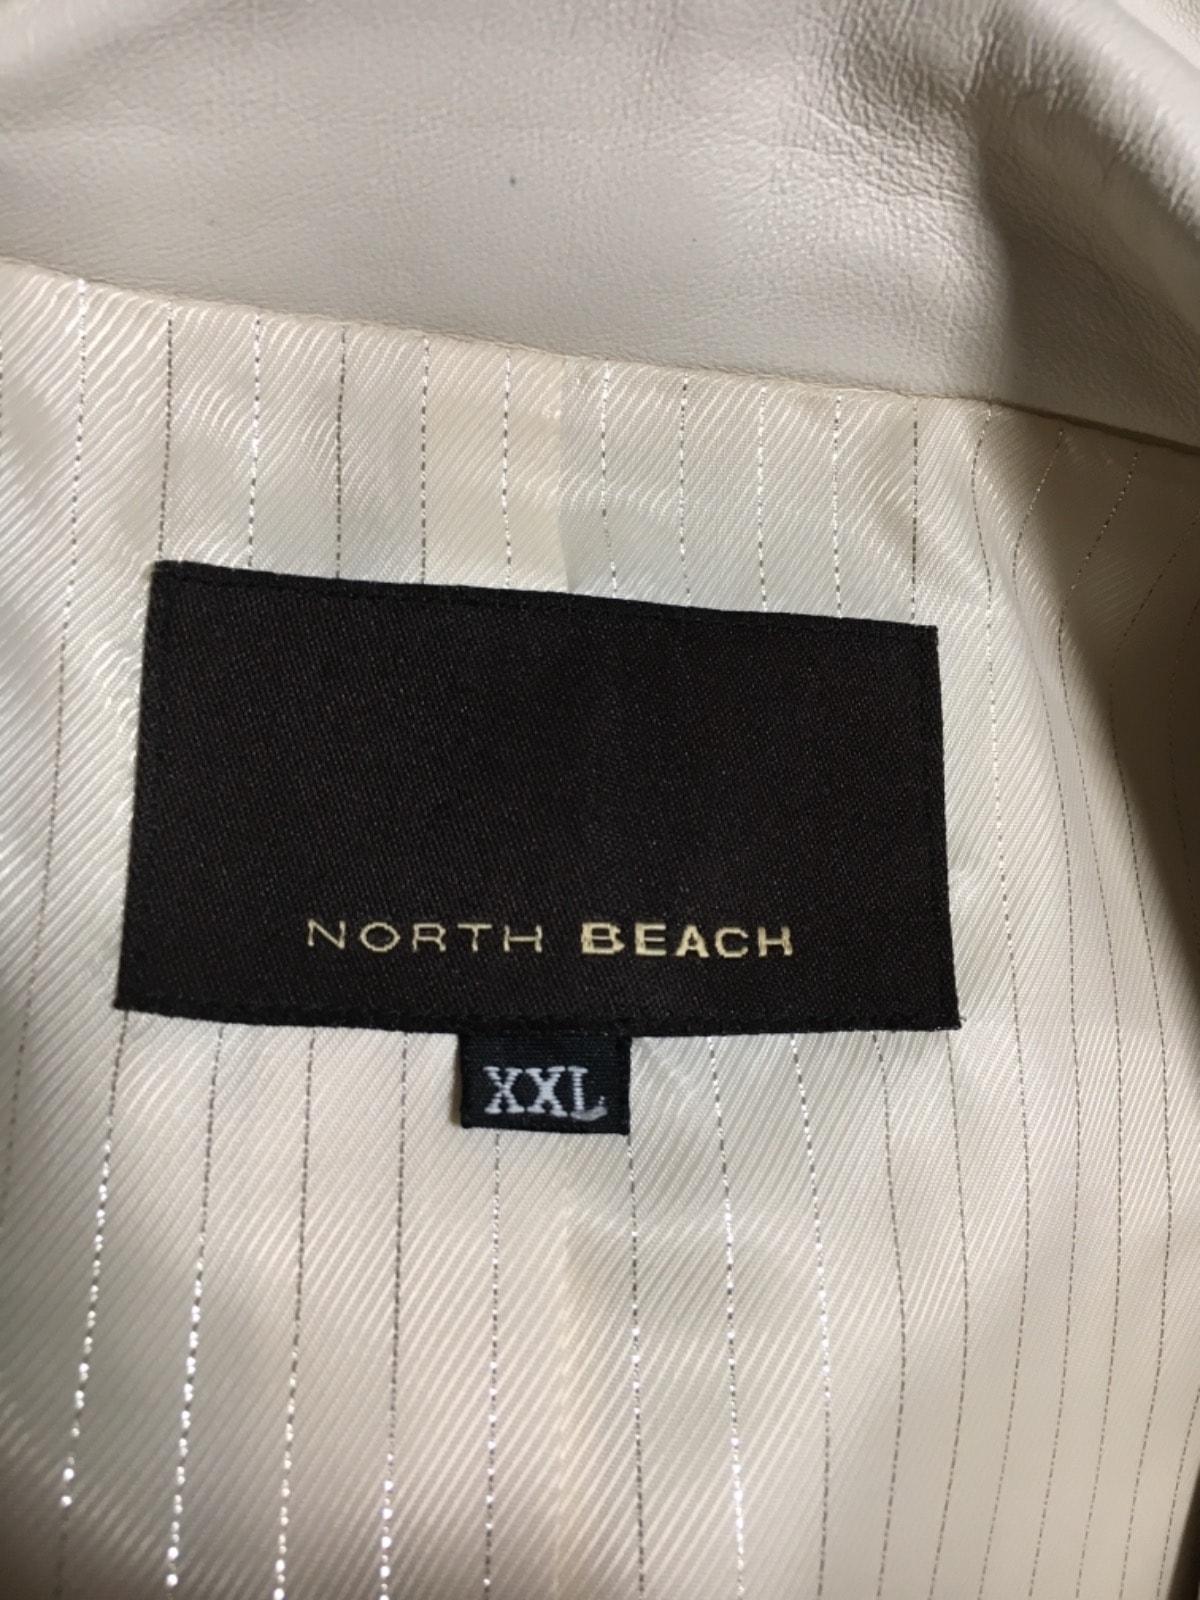 NORTH BEACH(ノースビーチ)のコート